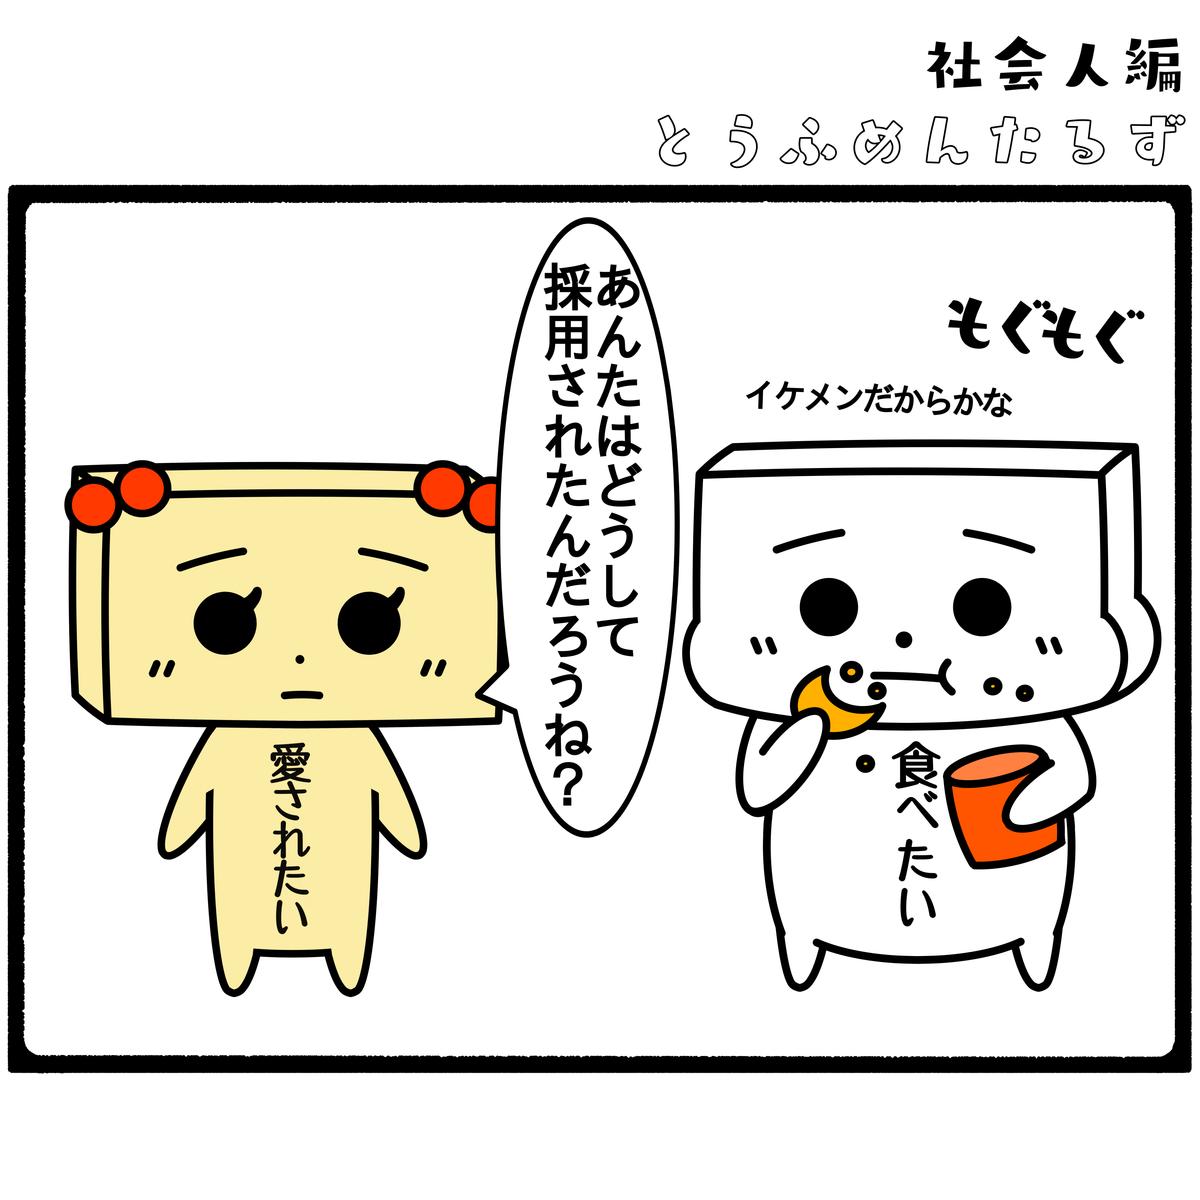 とうふめんたるず 豆腐メンタル 日常 4コマ漫画 営業